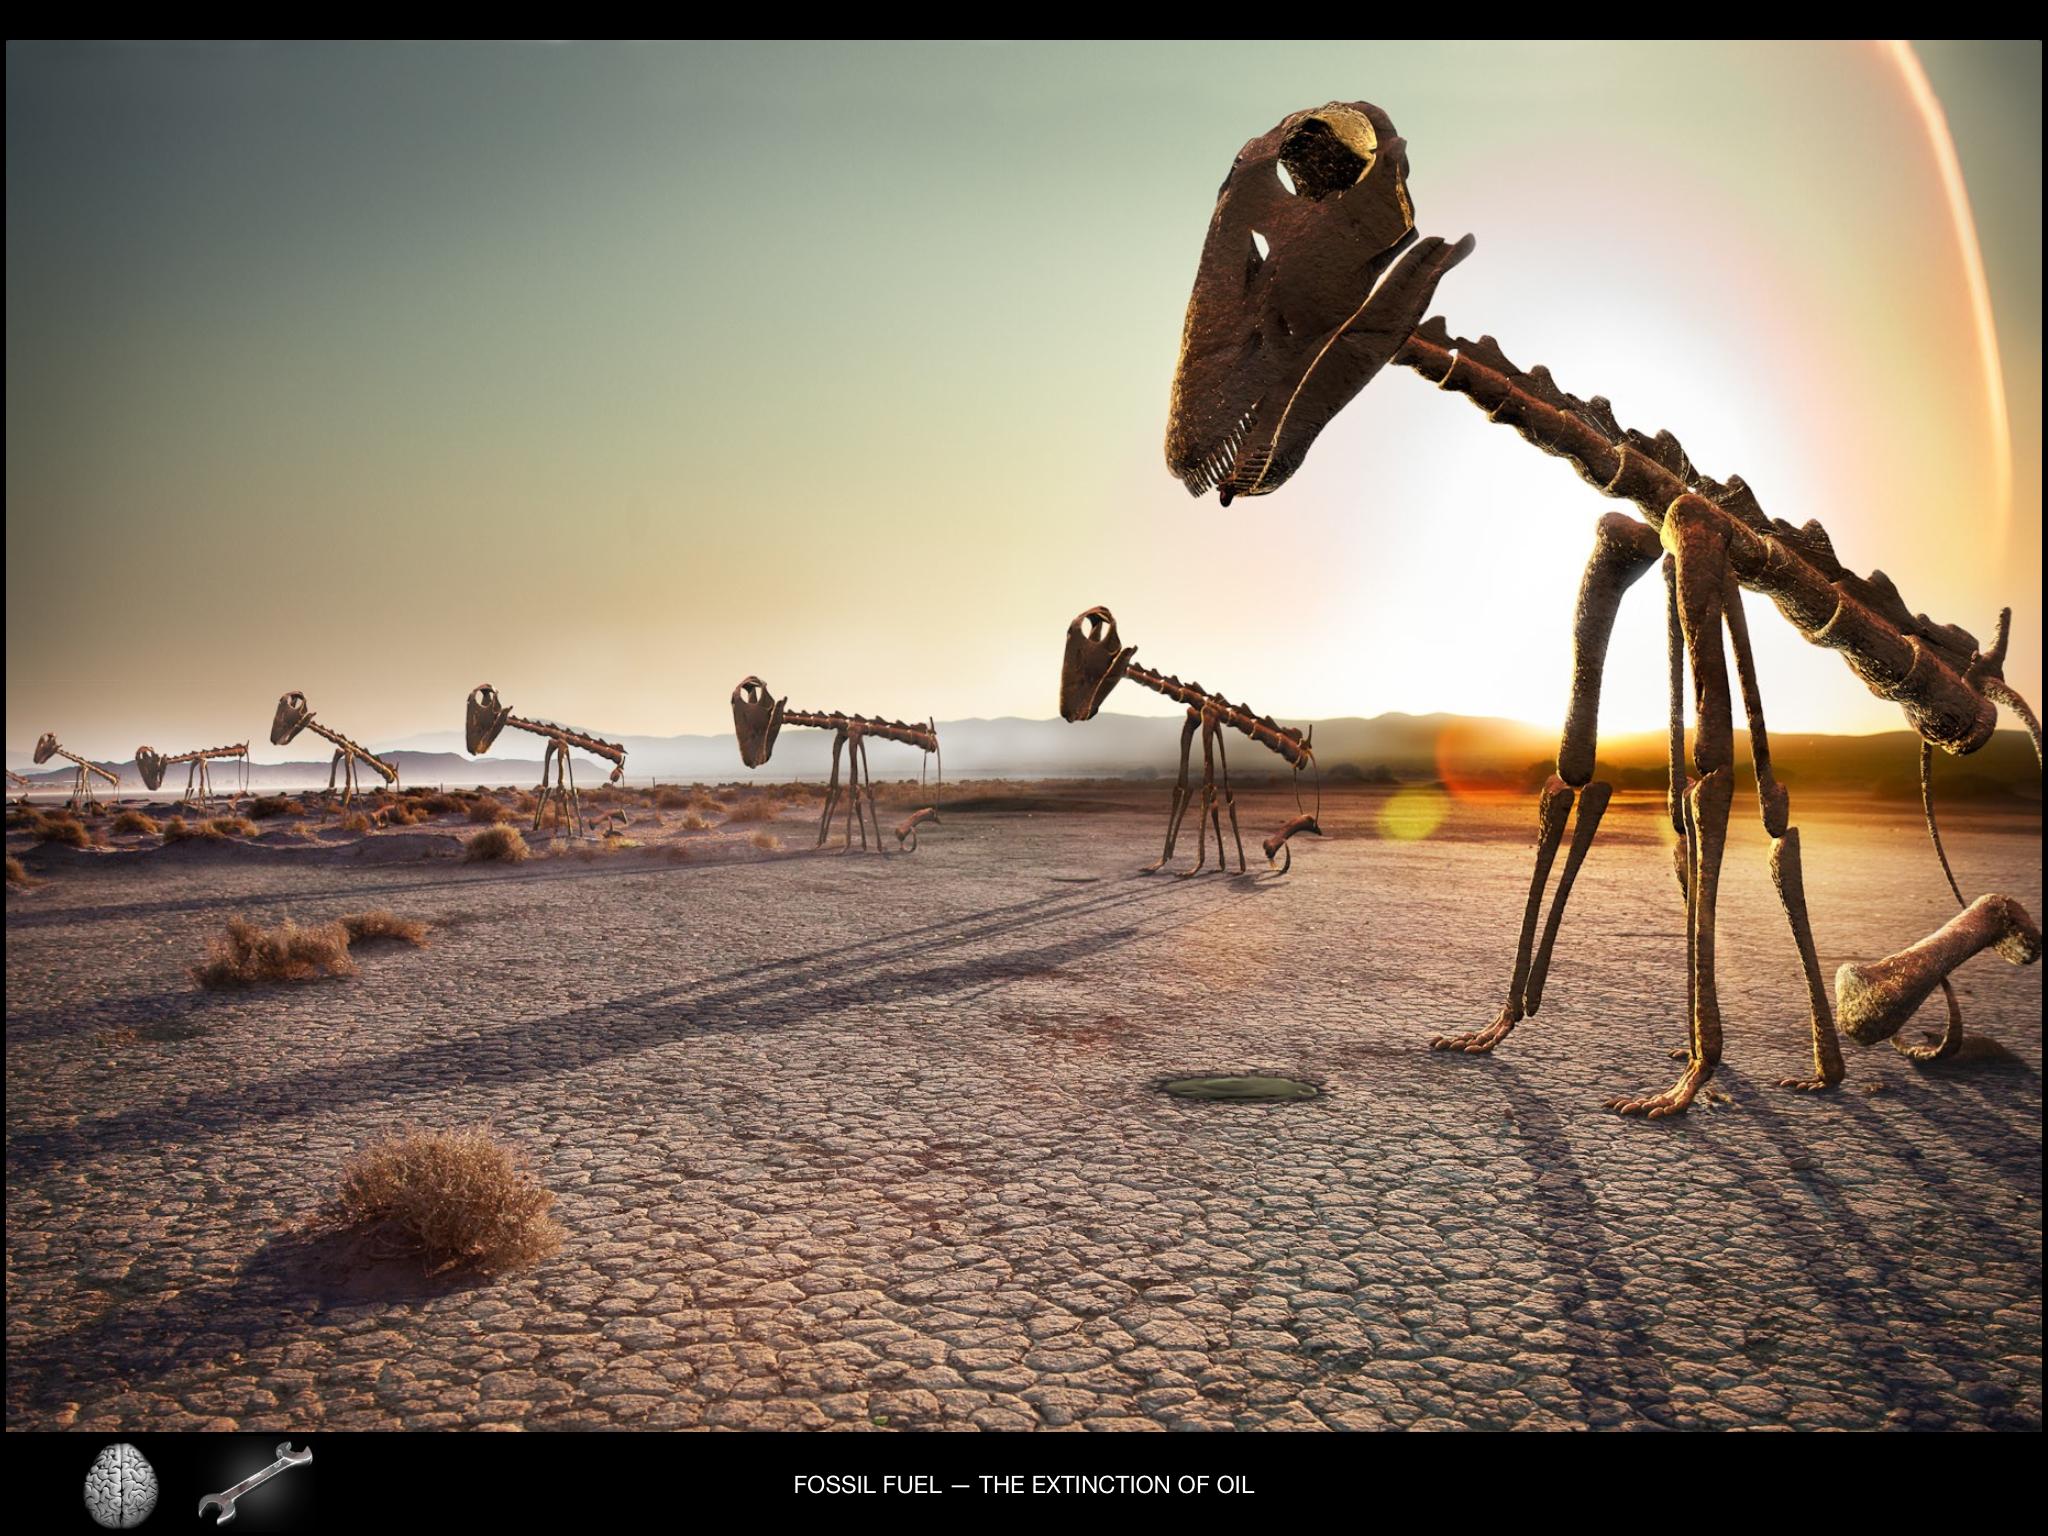 fossil-fuel-dinosaurs.jpg